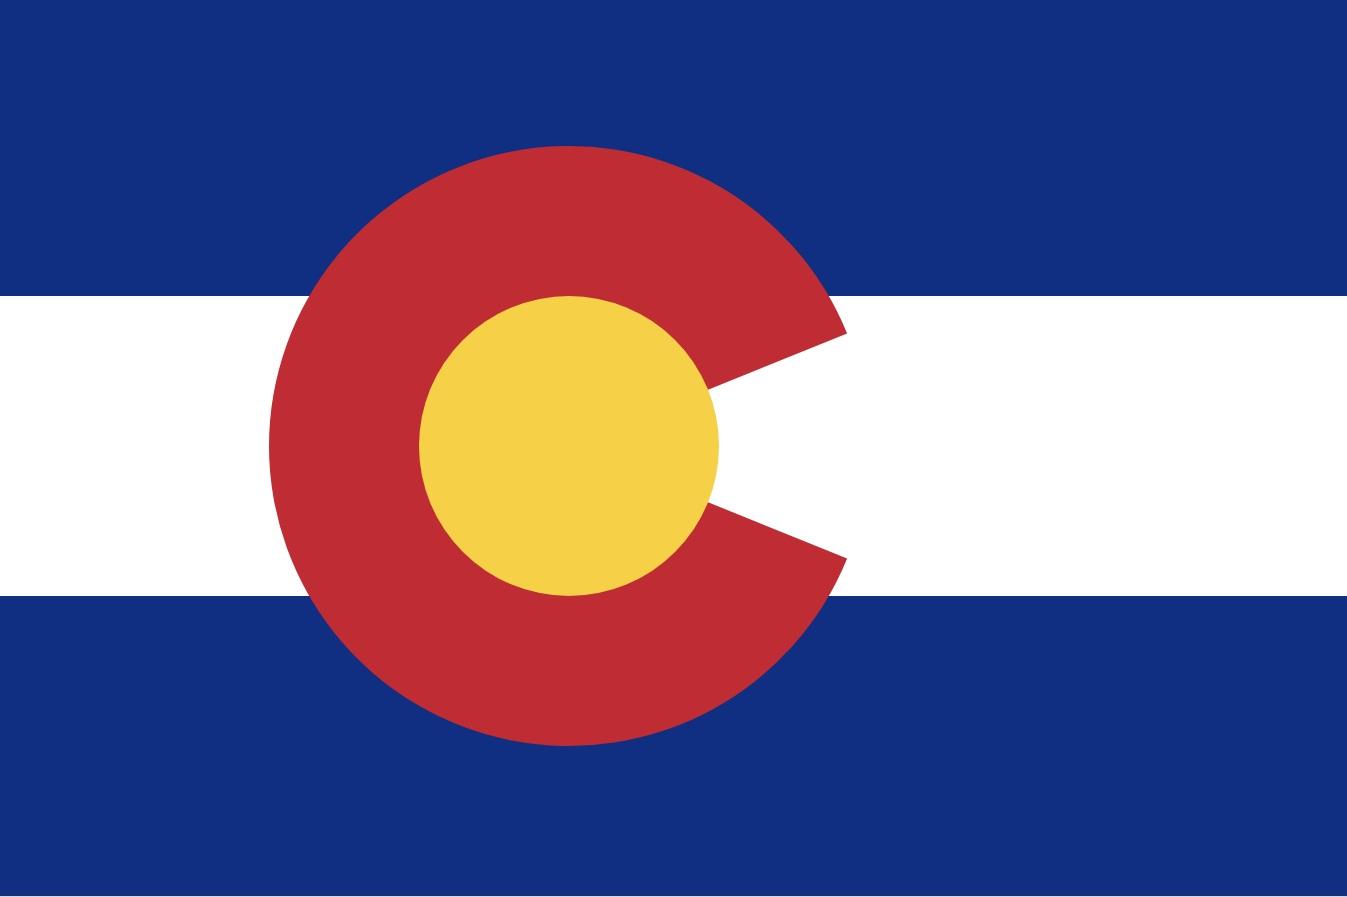 The flag of Colorado, USA